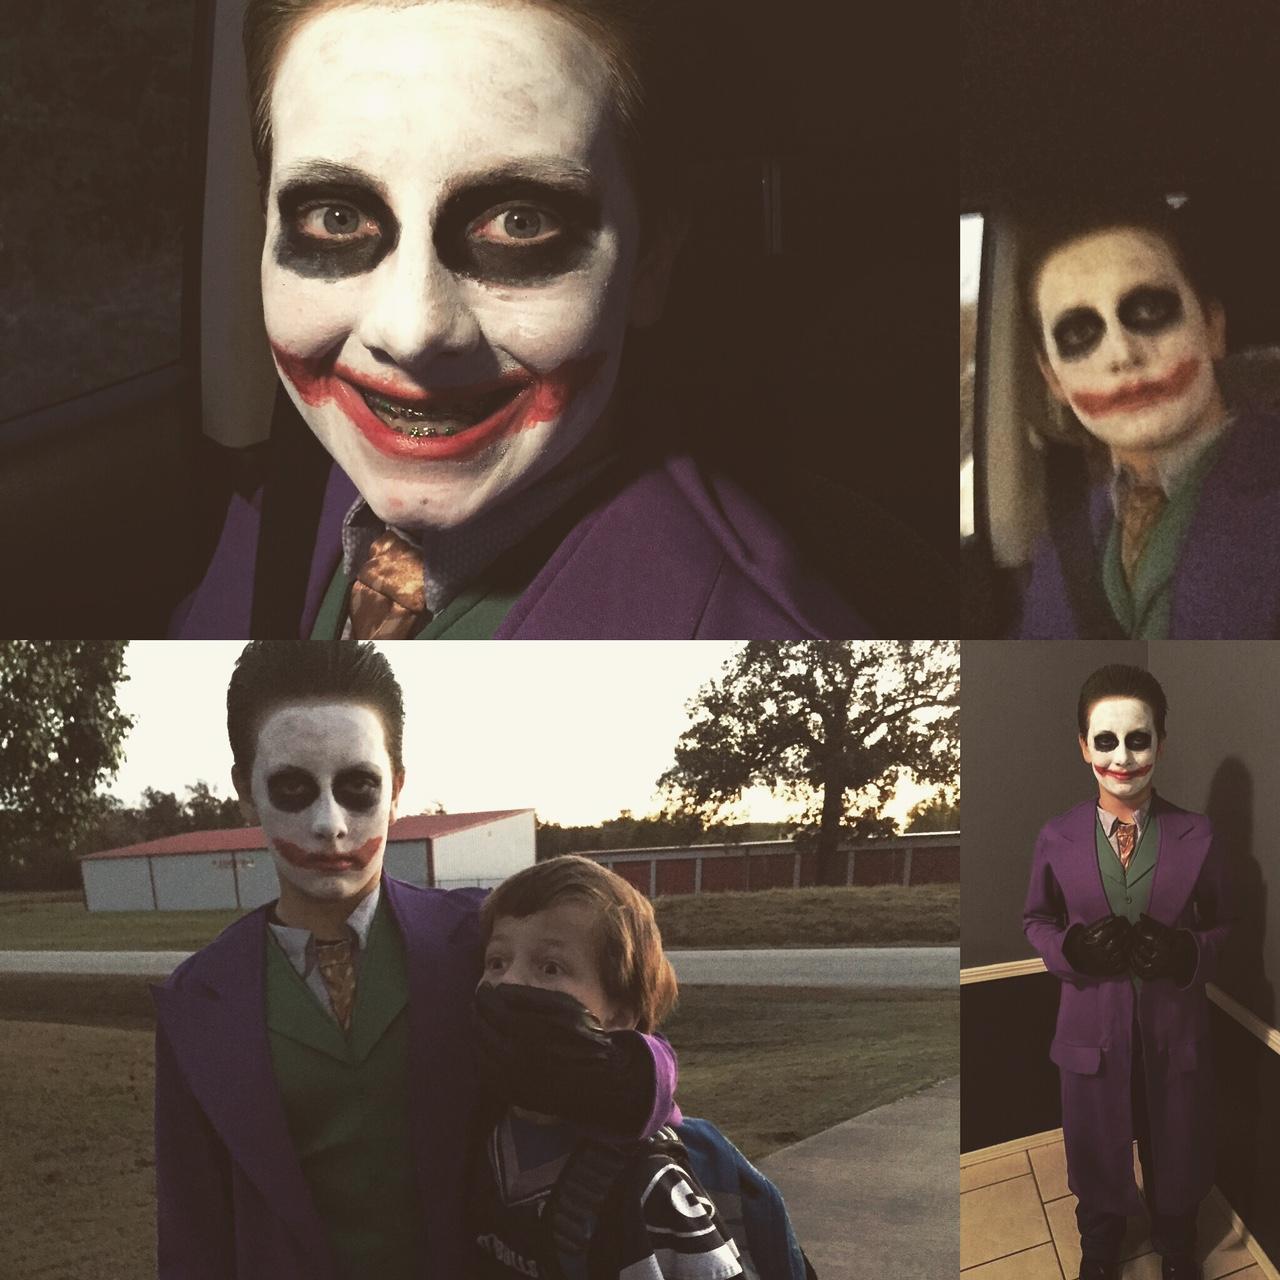 Caleb Niles as the Joker